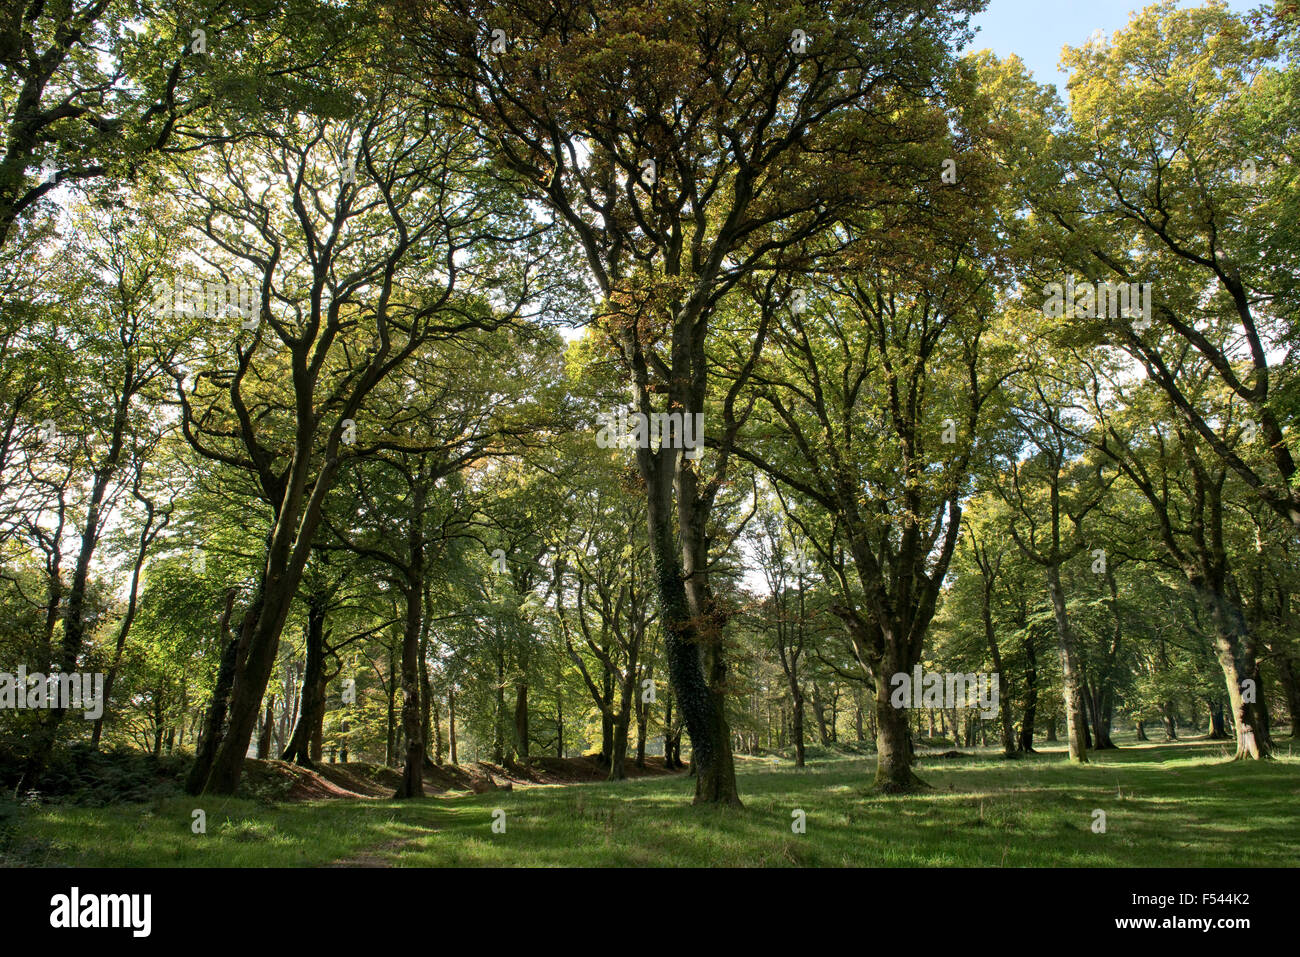 Eiche und Buche Bäume im Herbst Farbe in den Resten des Blackbury Camp und Eisenzeit Burgberg in das 4. Jahrhundert Stockbild